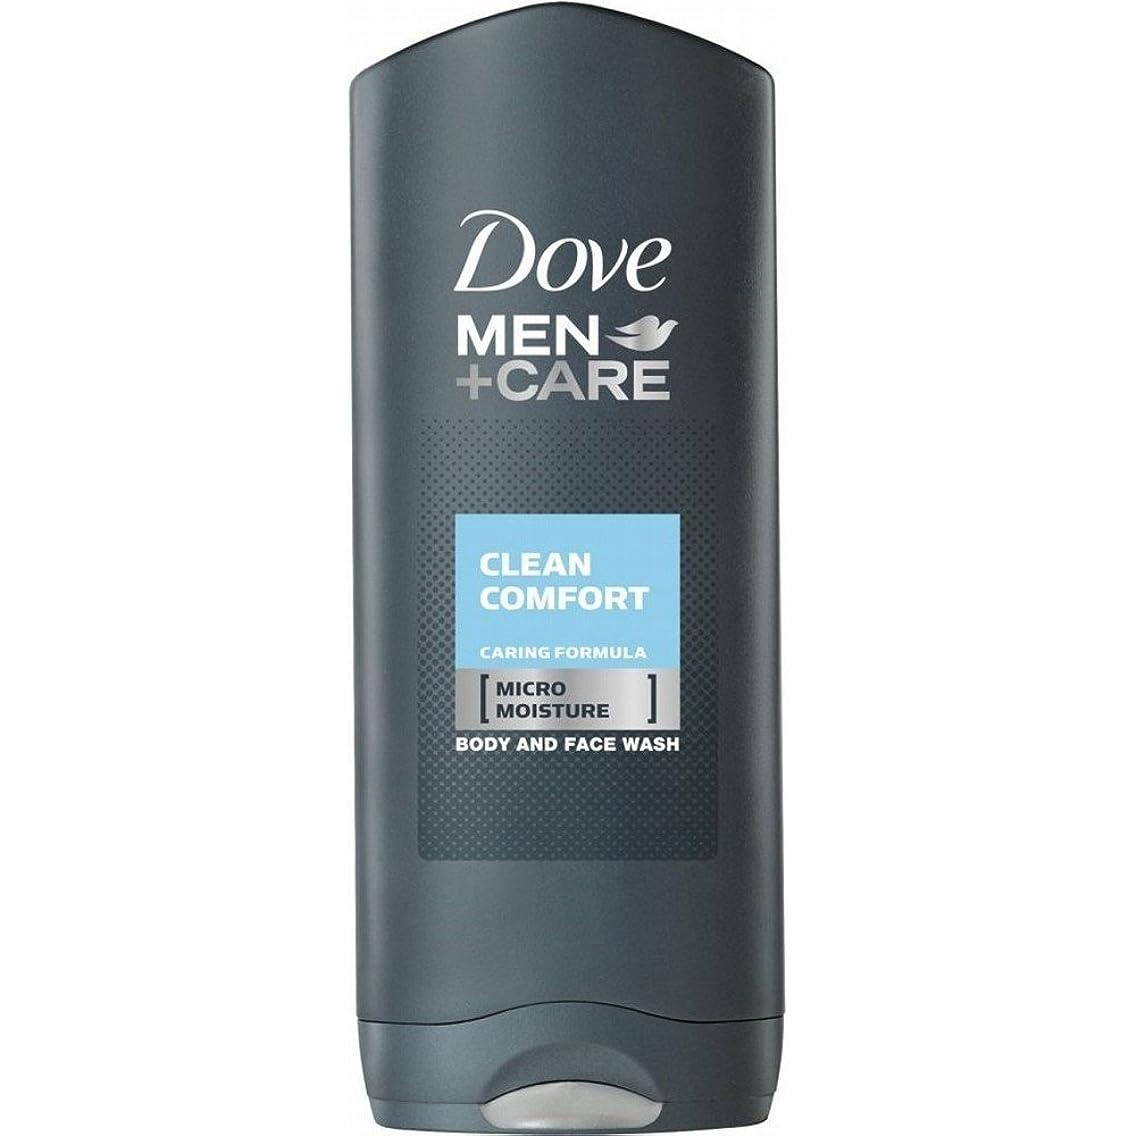 理想的には鷲眠るDove Men + Care Body & Face Wash - Clean Comfort (400ml) 鳩の男性は体と顔の洗浄ケア+ - きれいな快適さ( 400ミリリットル)を [並行輸入品]